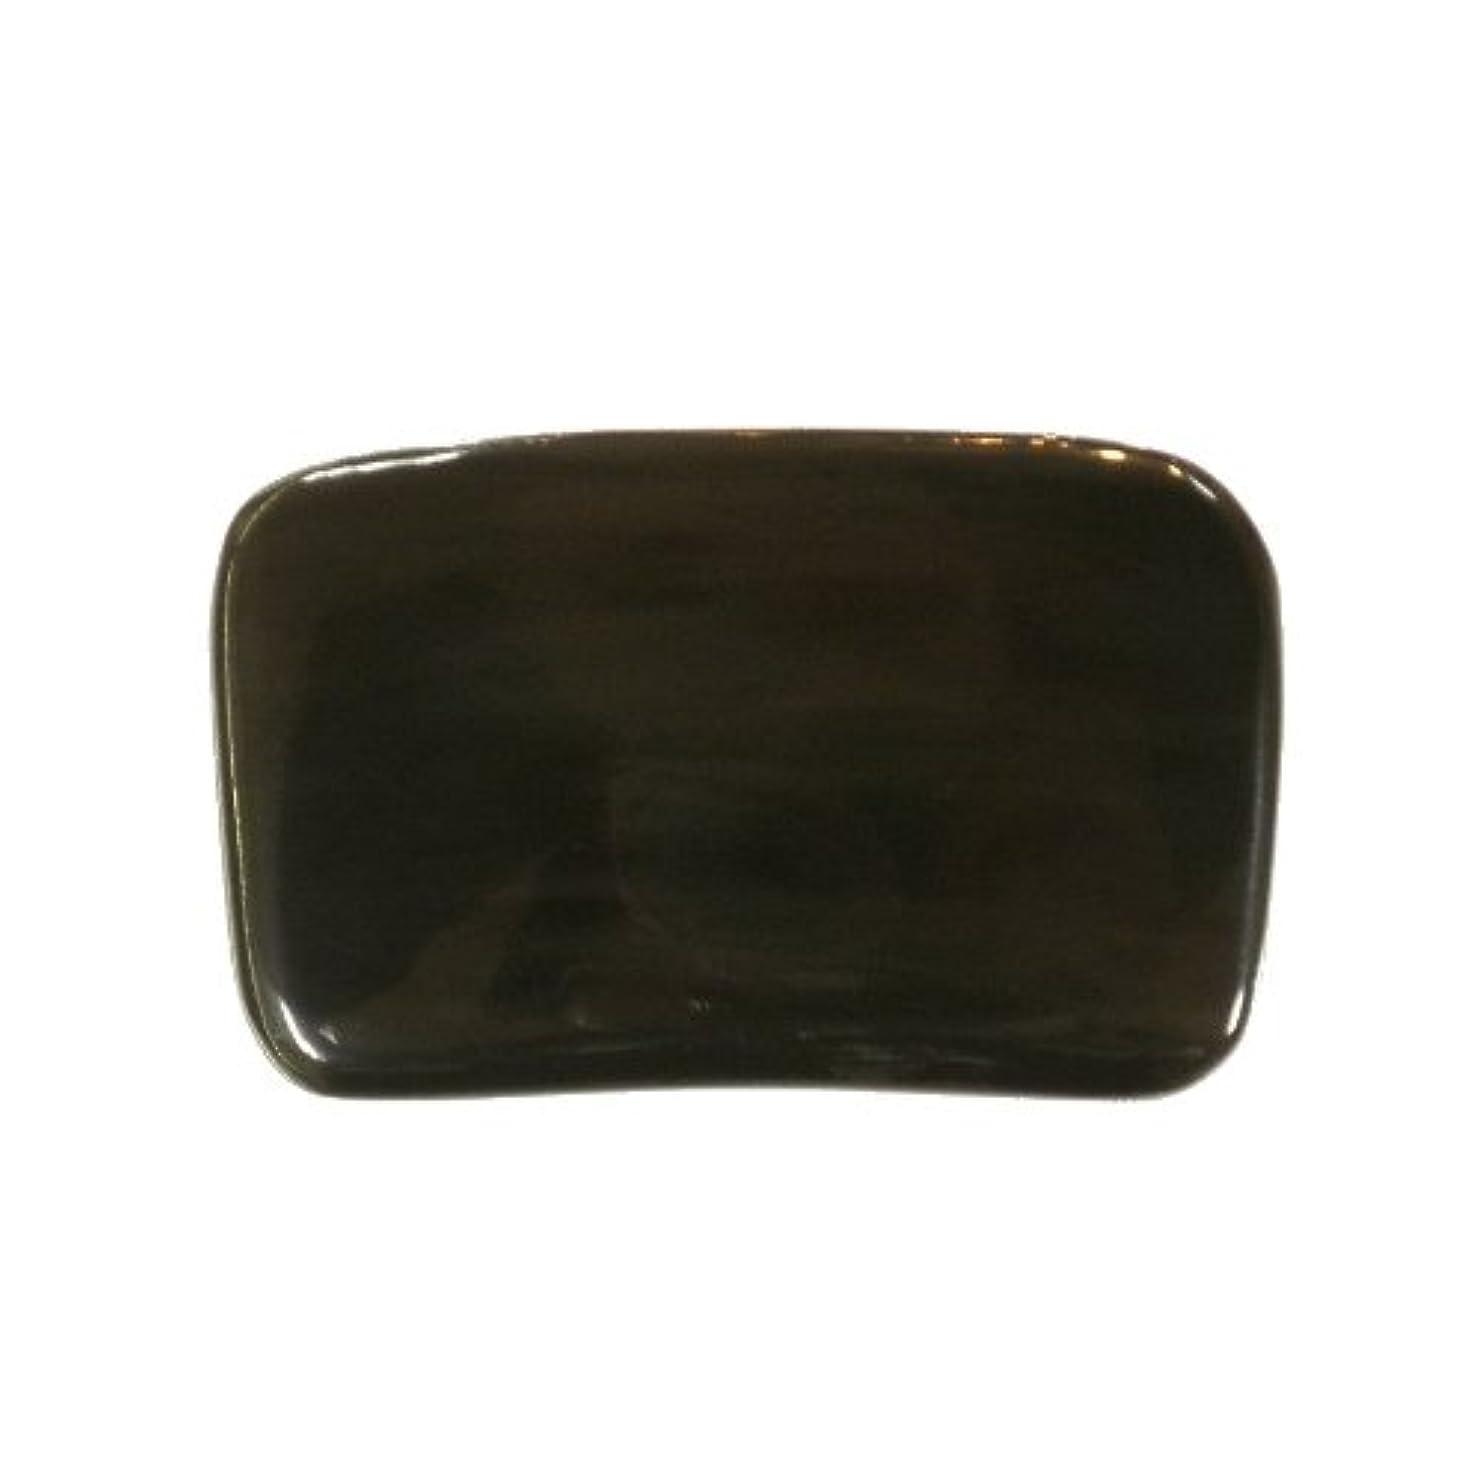 絶壁上流の舗装かっさ プレート 厚さが選べる ヤクの角(水牛の角) EHE267SP 長方形小 特級品 特厚(8ミリ程度[100円加算])